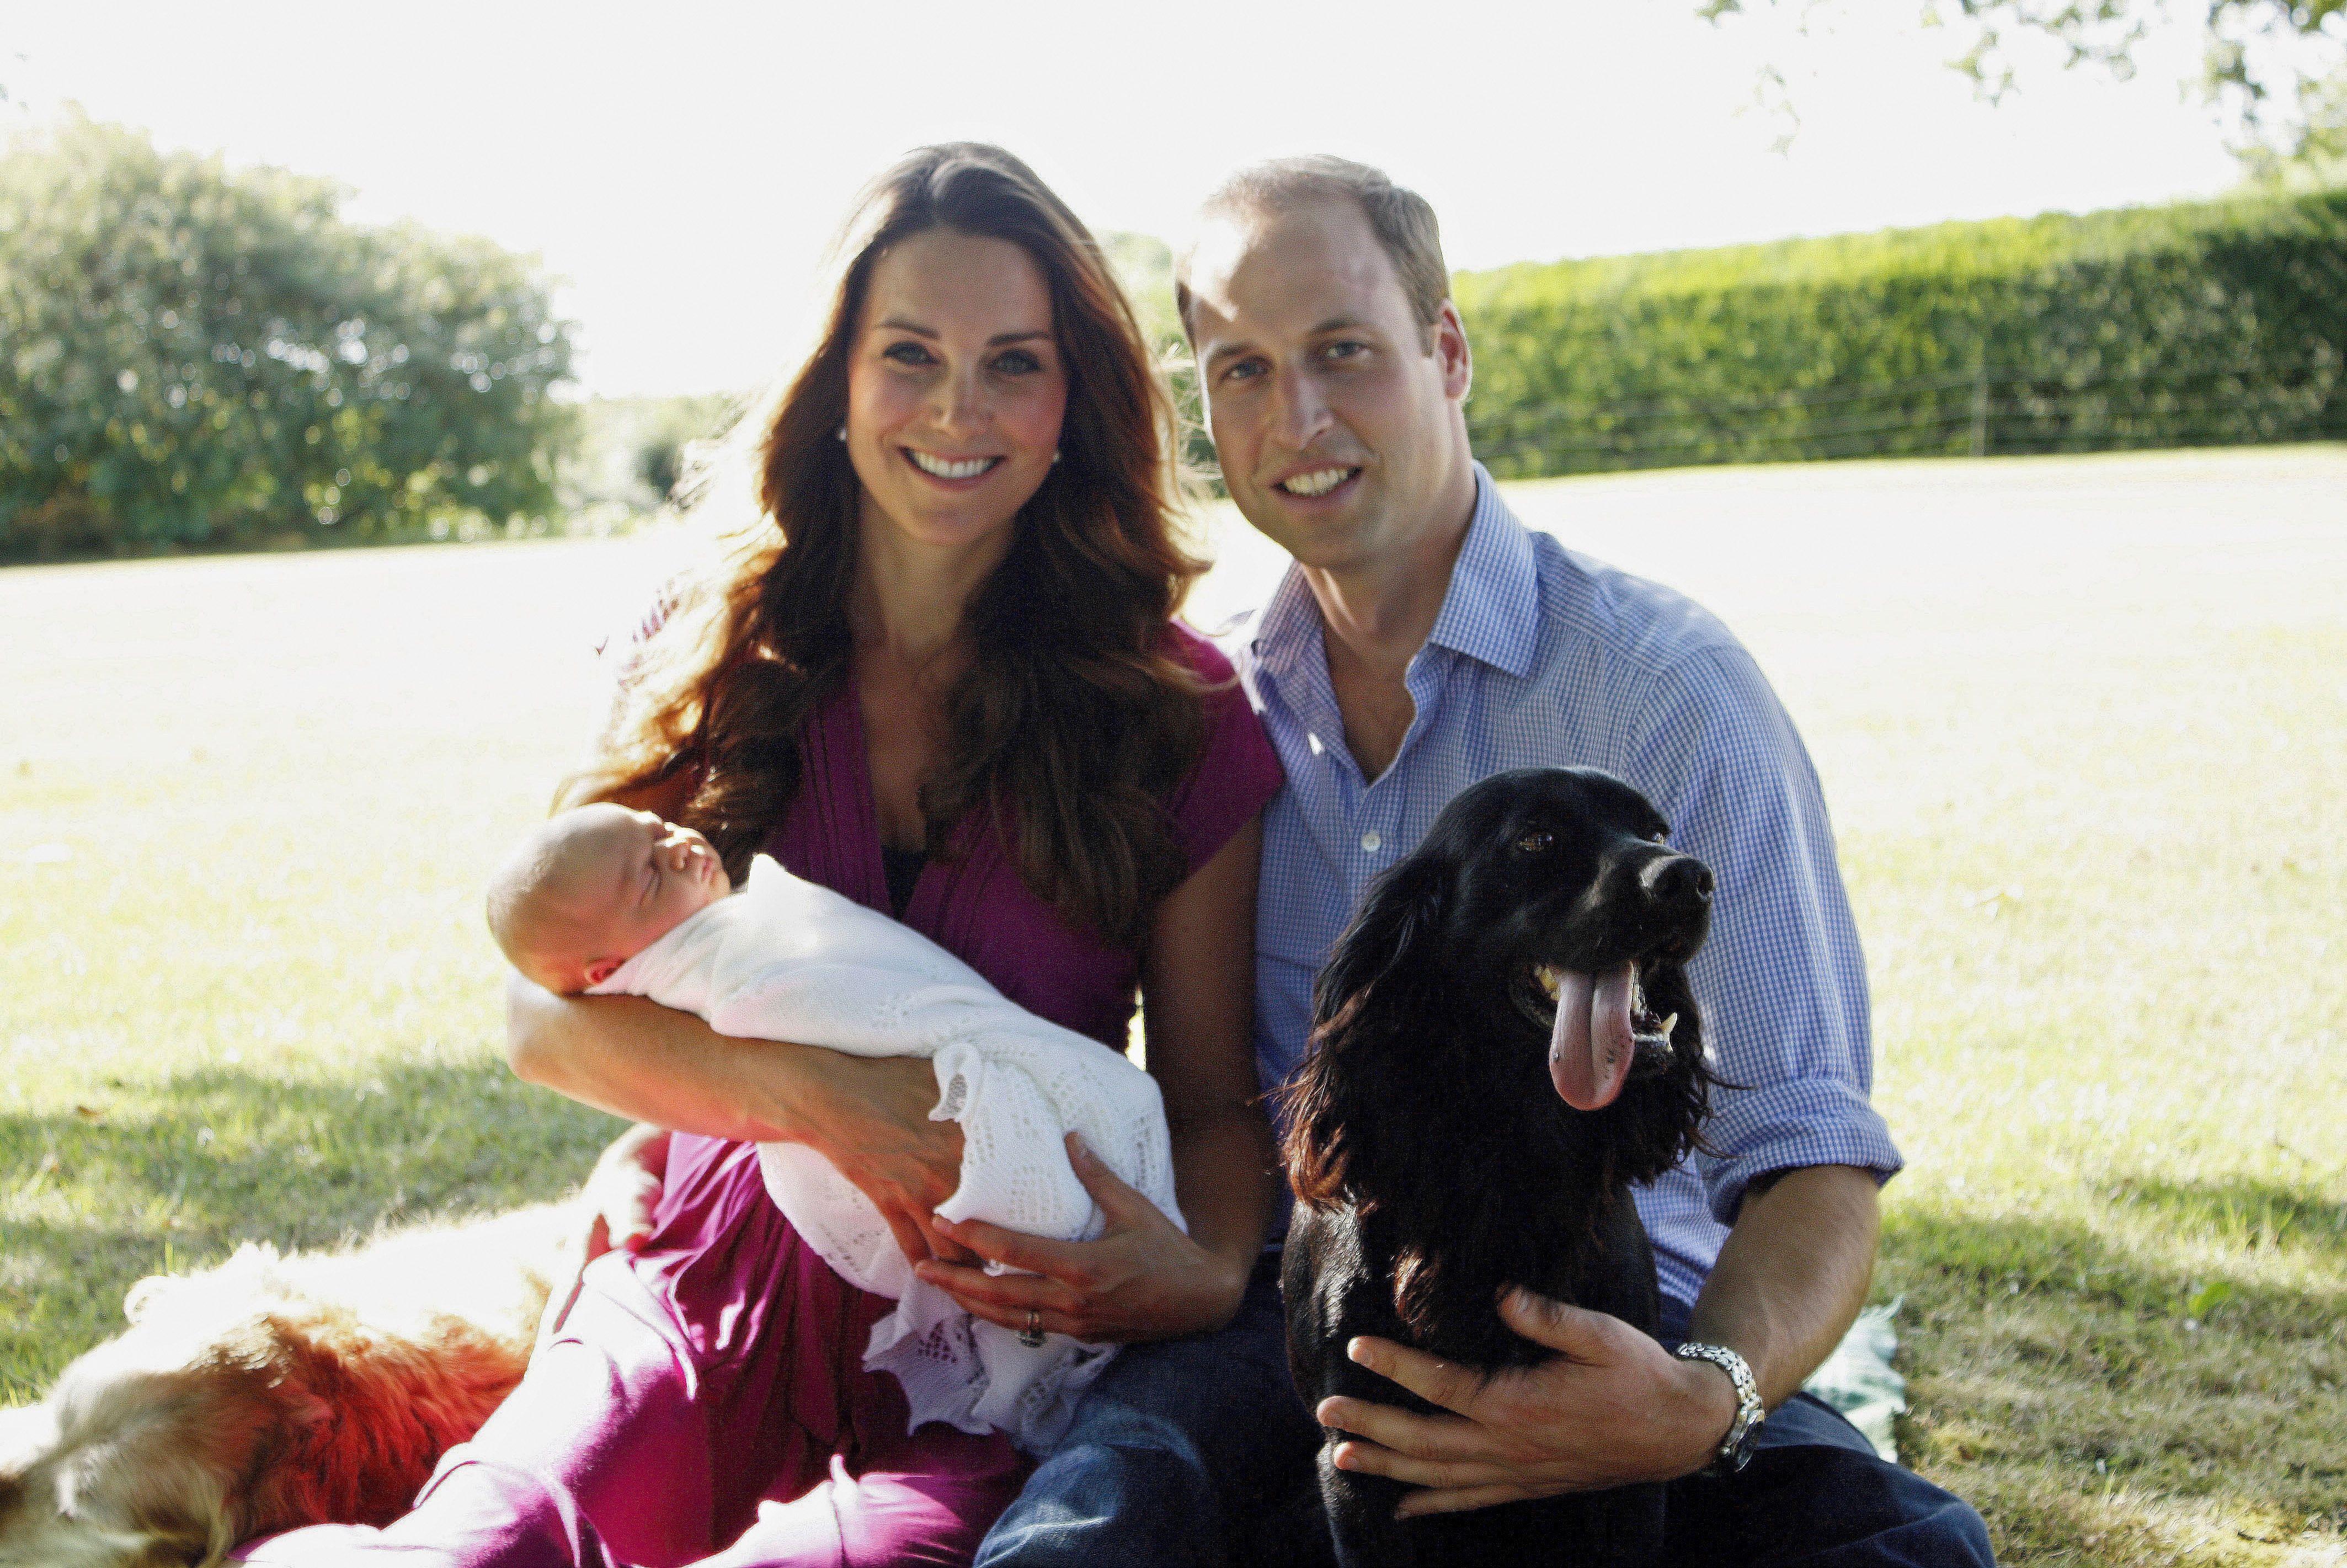 Hijo Kate Middleton - Todo lo que sabemos sobre el tercer hijo de ...